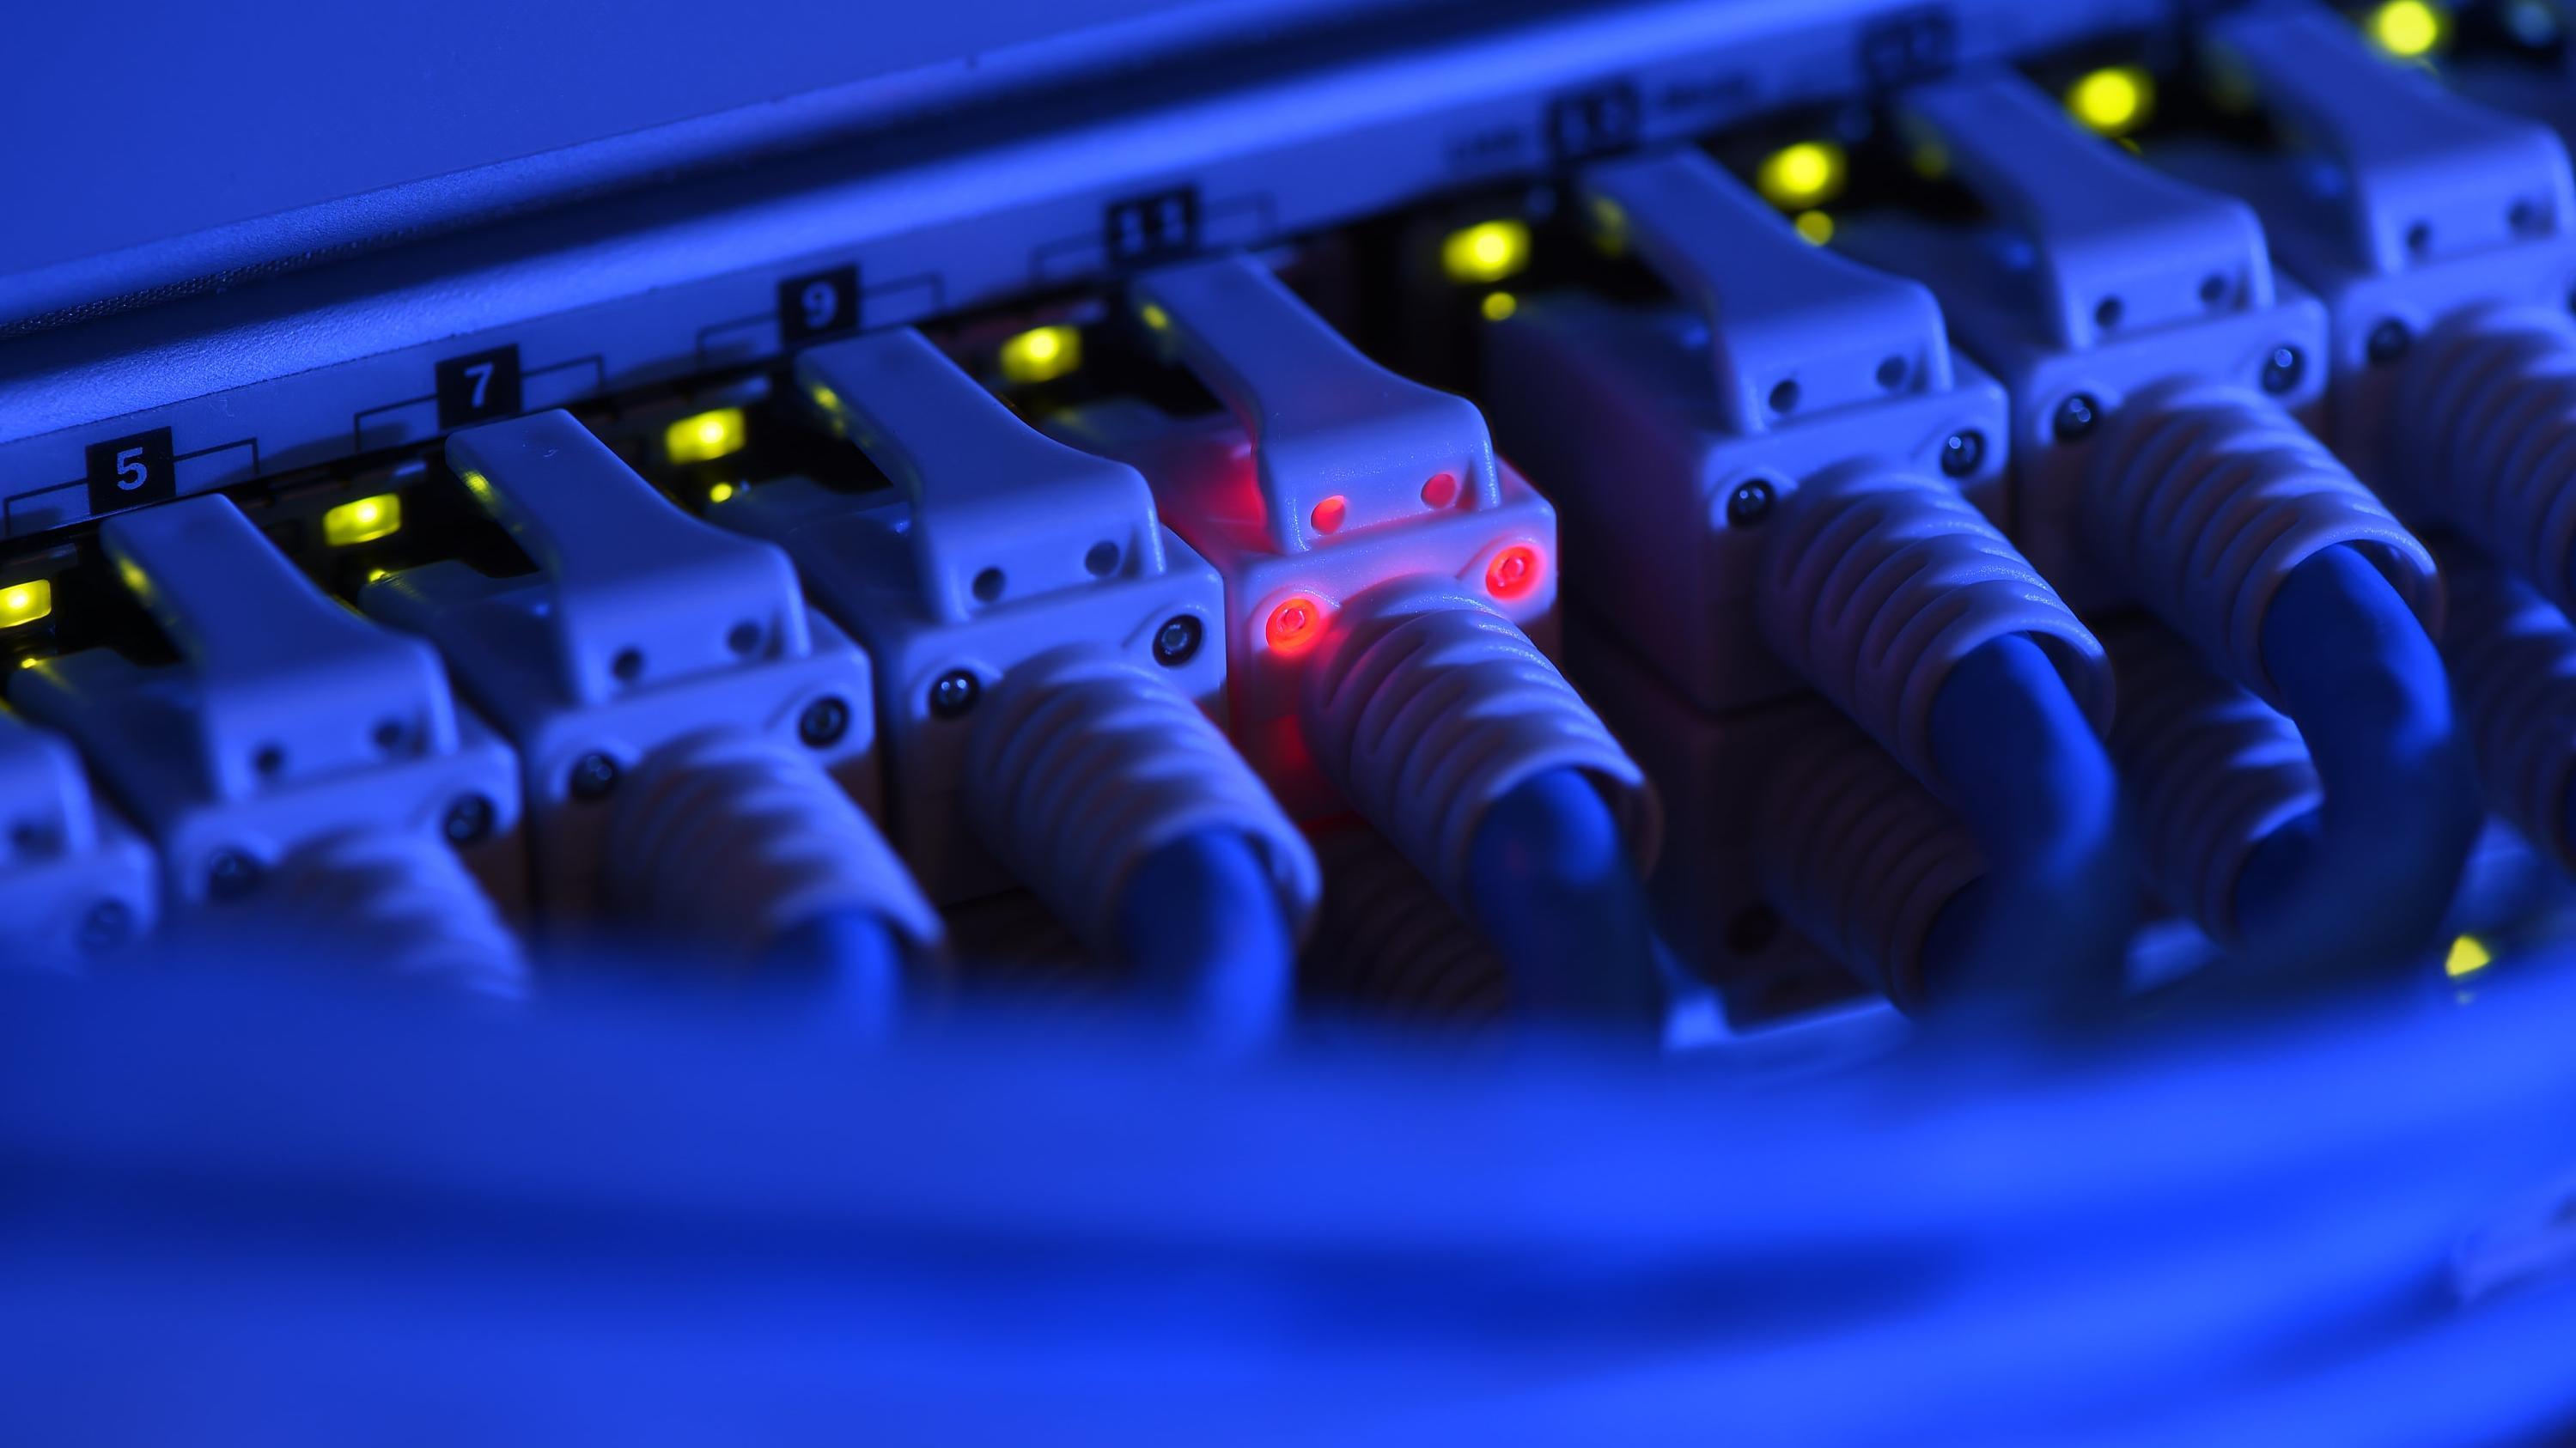 Ein Netzwerk-Kabelstecker leuchtet rot.